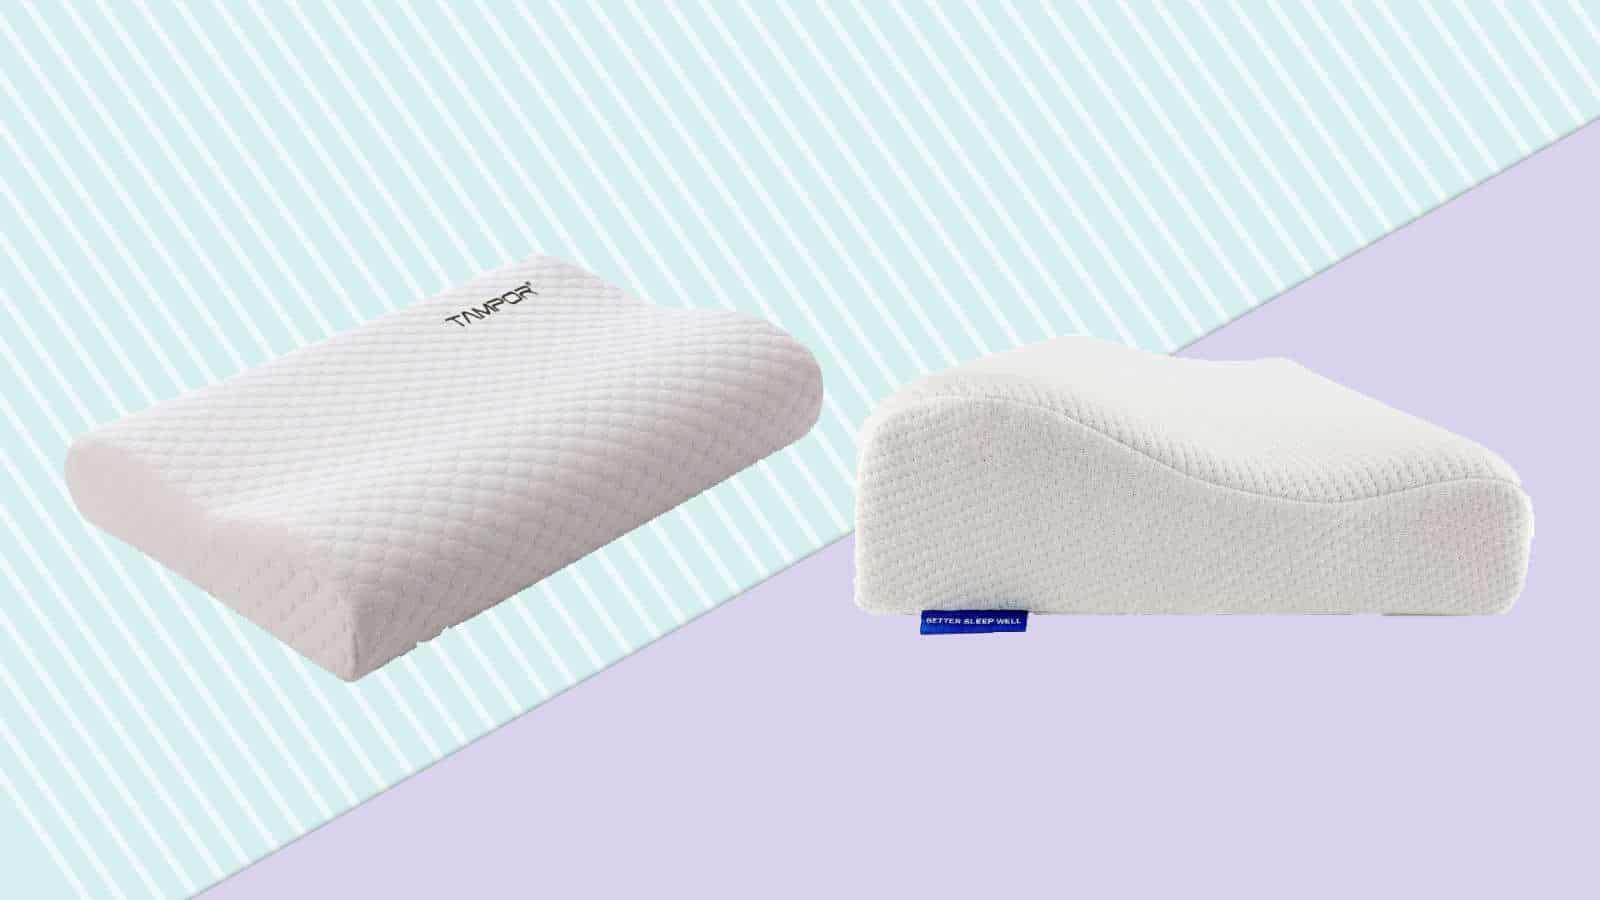 Rückenschläferkissen- 5 beste Kissen für Rückenschläfer im Vergleich